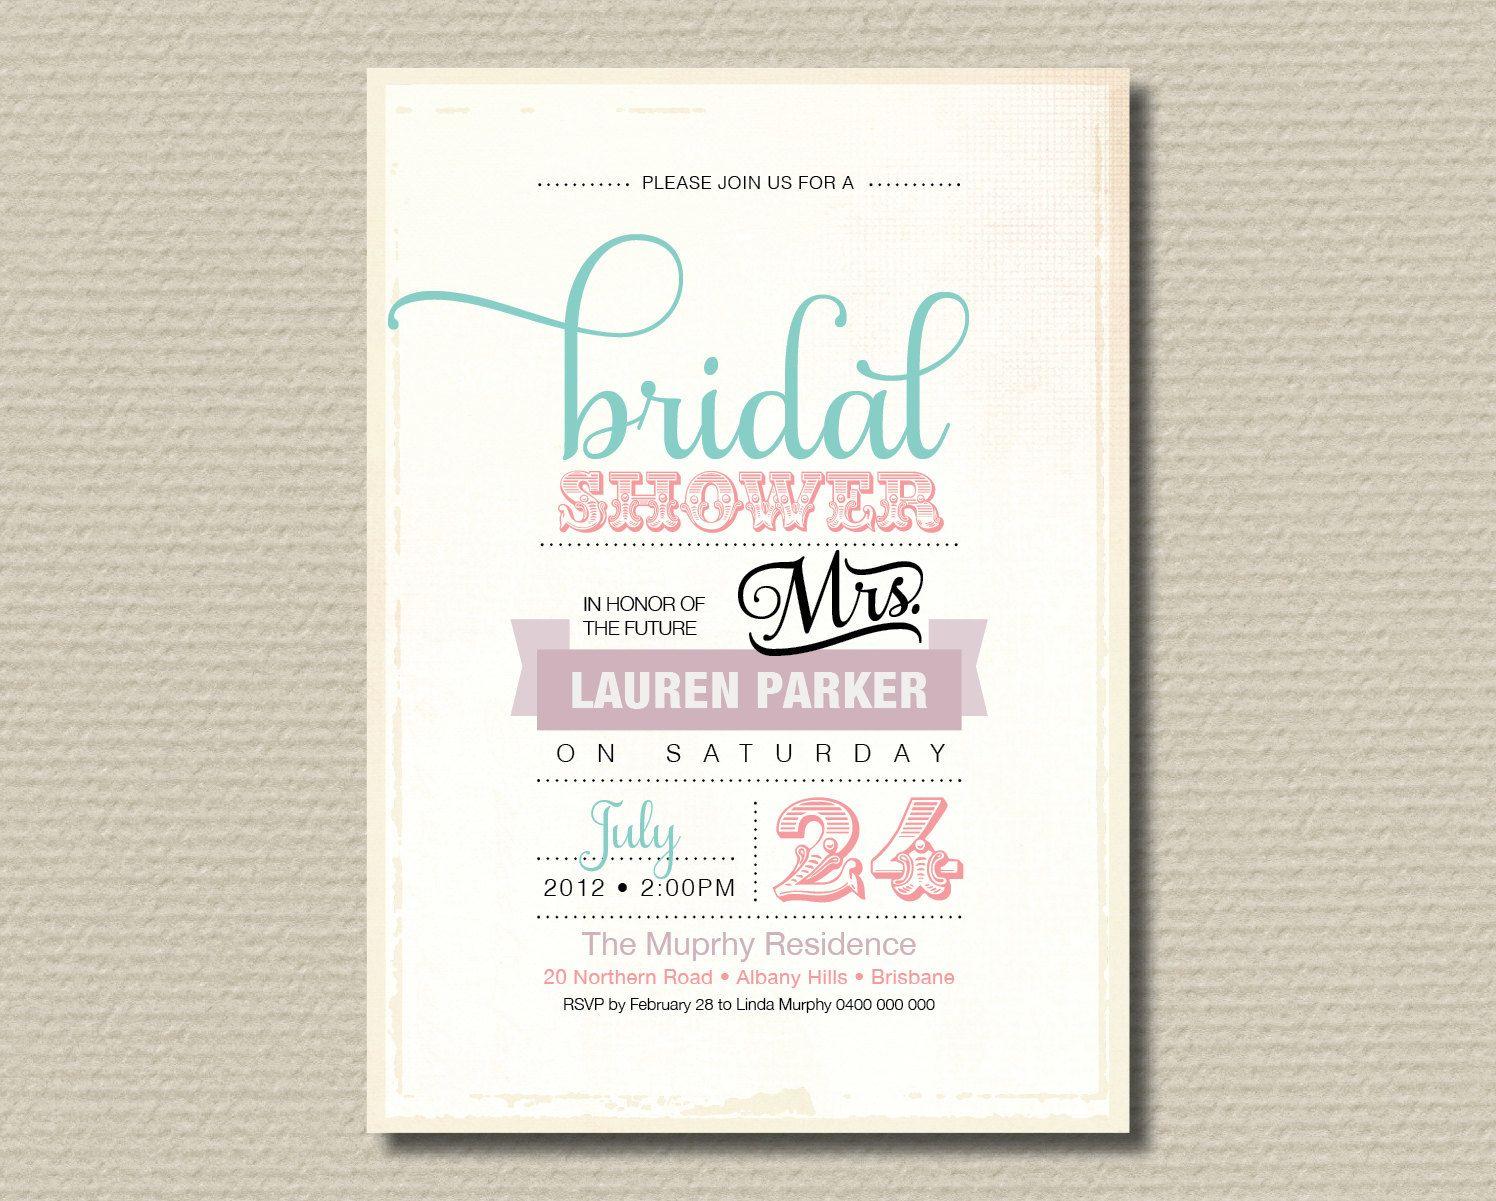 PrintableBridalShowerInvitationVintagebyrosiedaydesign1500 Printable Bridal Shower Invitation Vintage